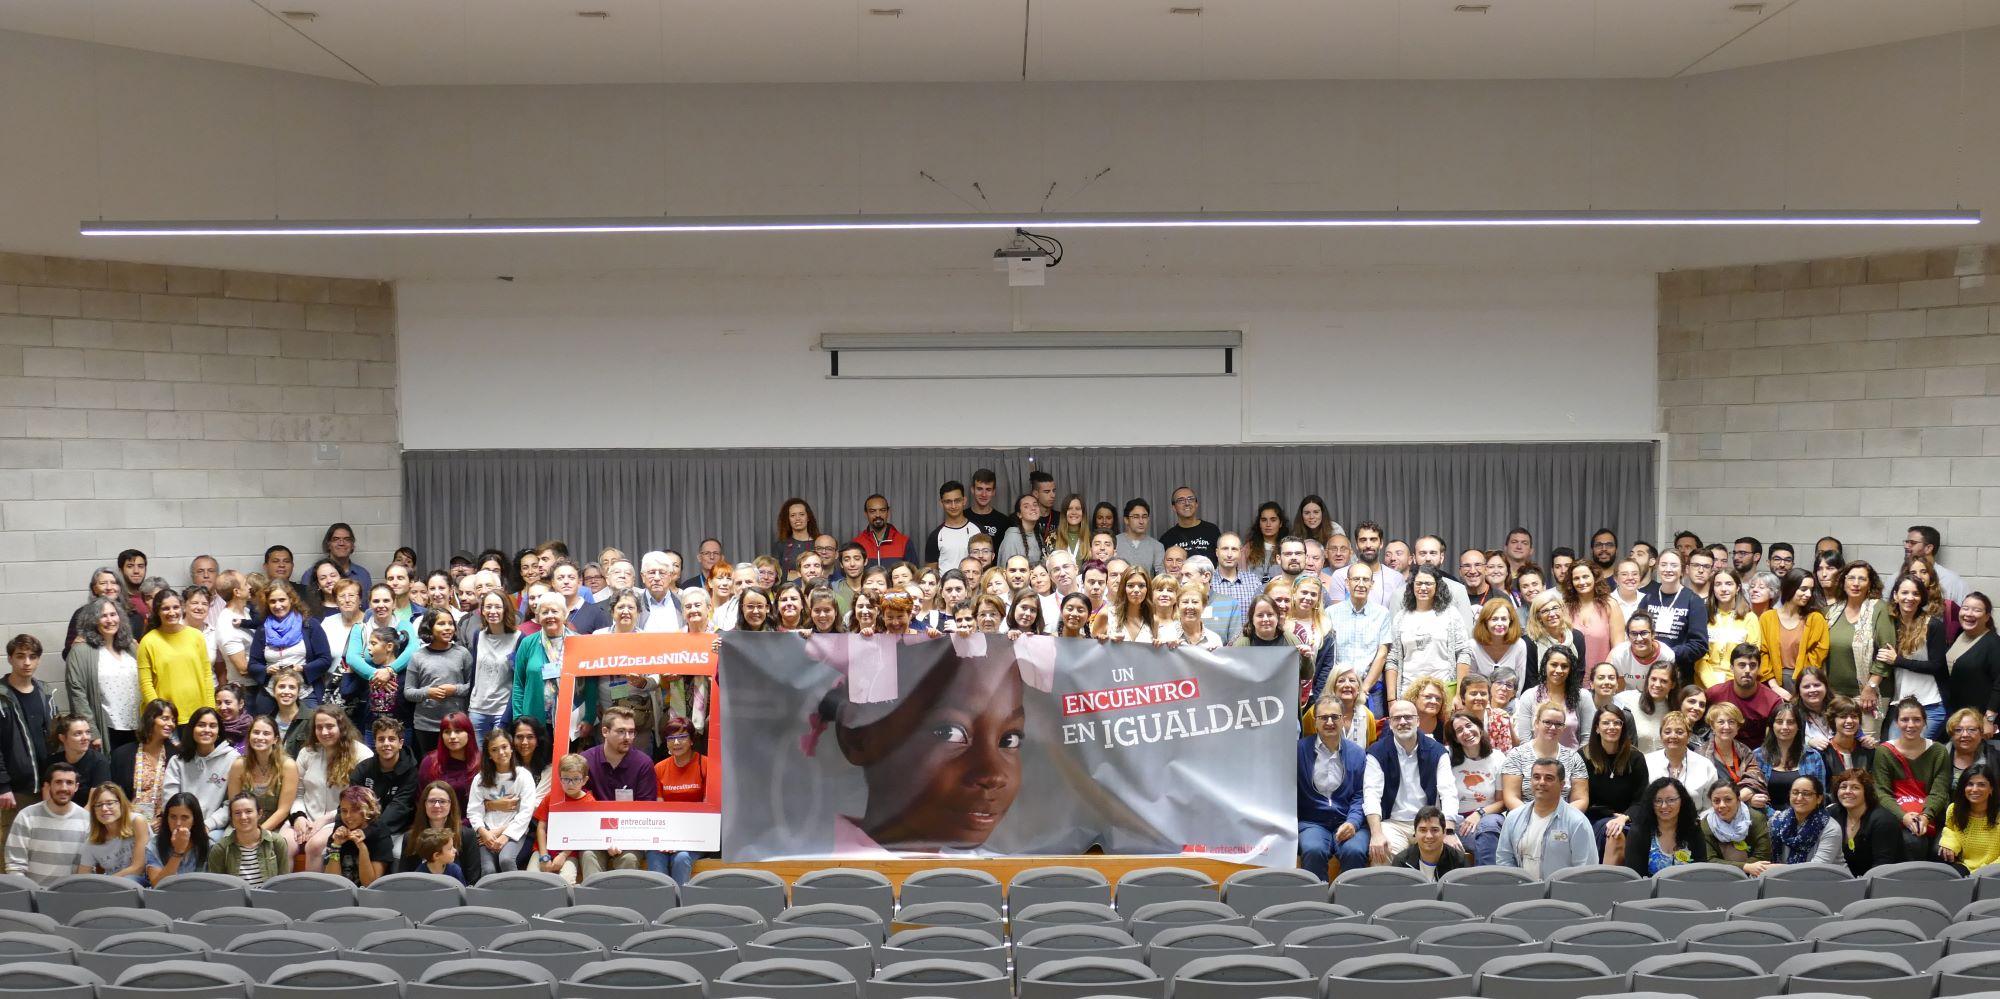 Encuentro anual 2019: Un encuentro en igualdad